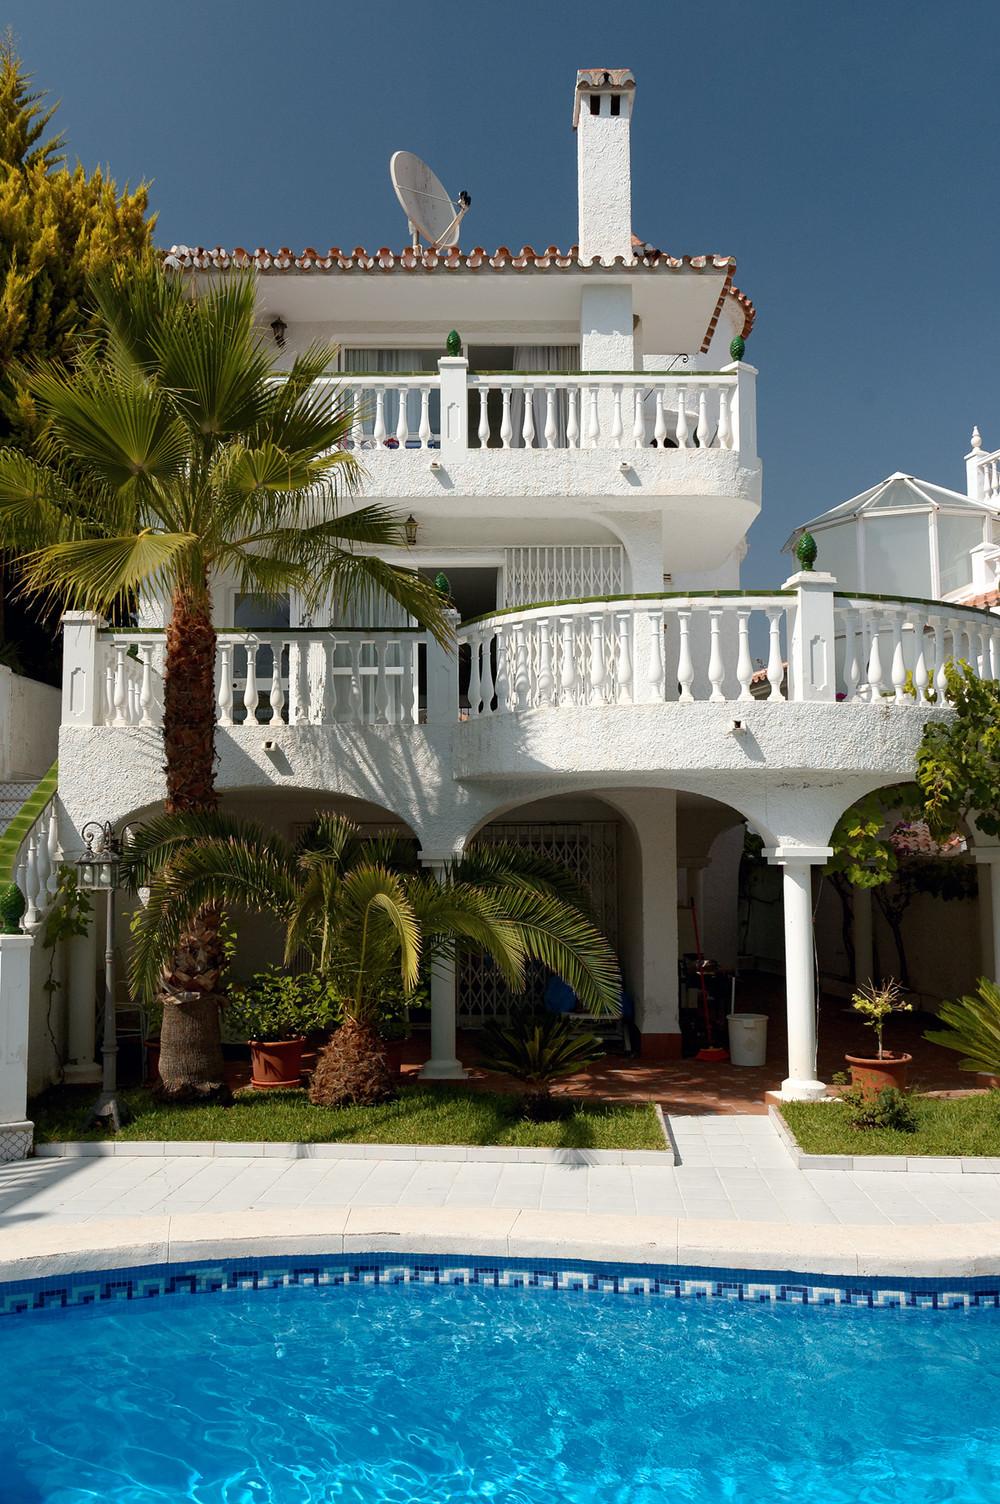 Загородный дом «Архитектура дома и дизайн интерьера виллы в Испании», бассейн , фото из проекта